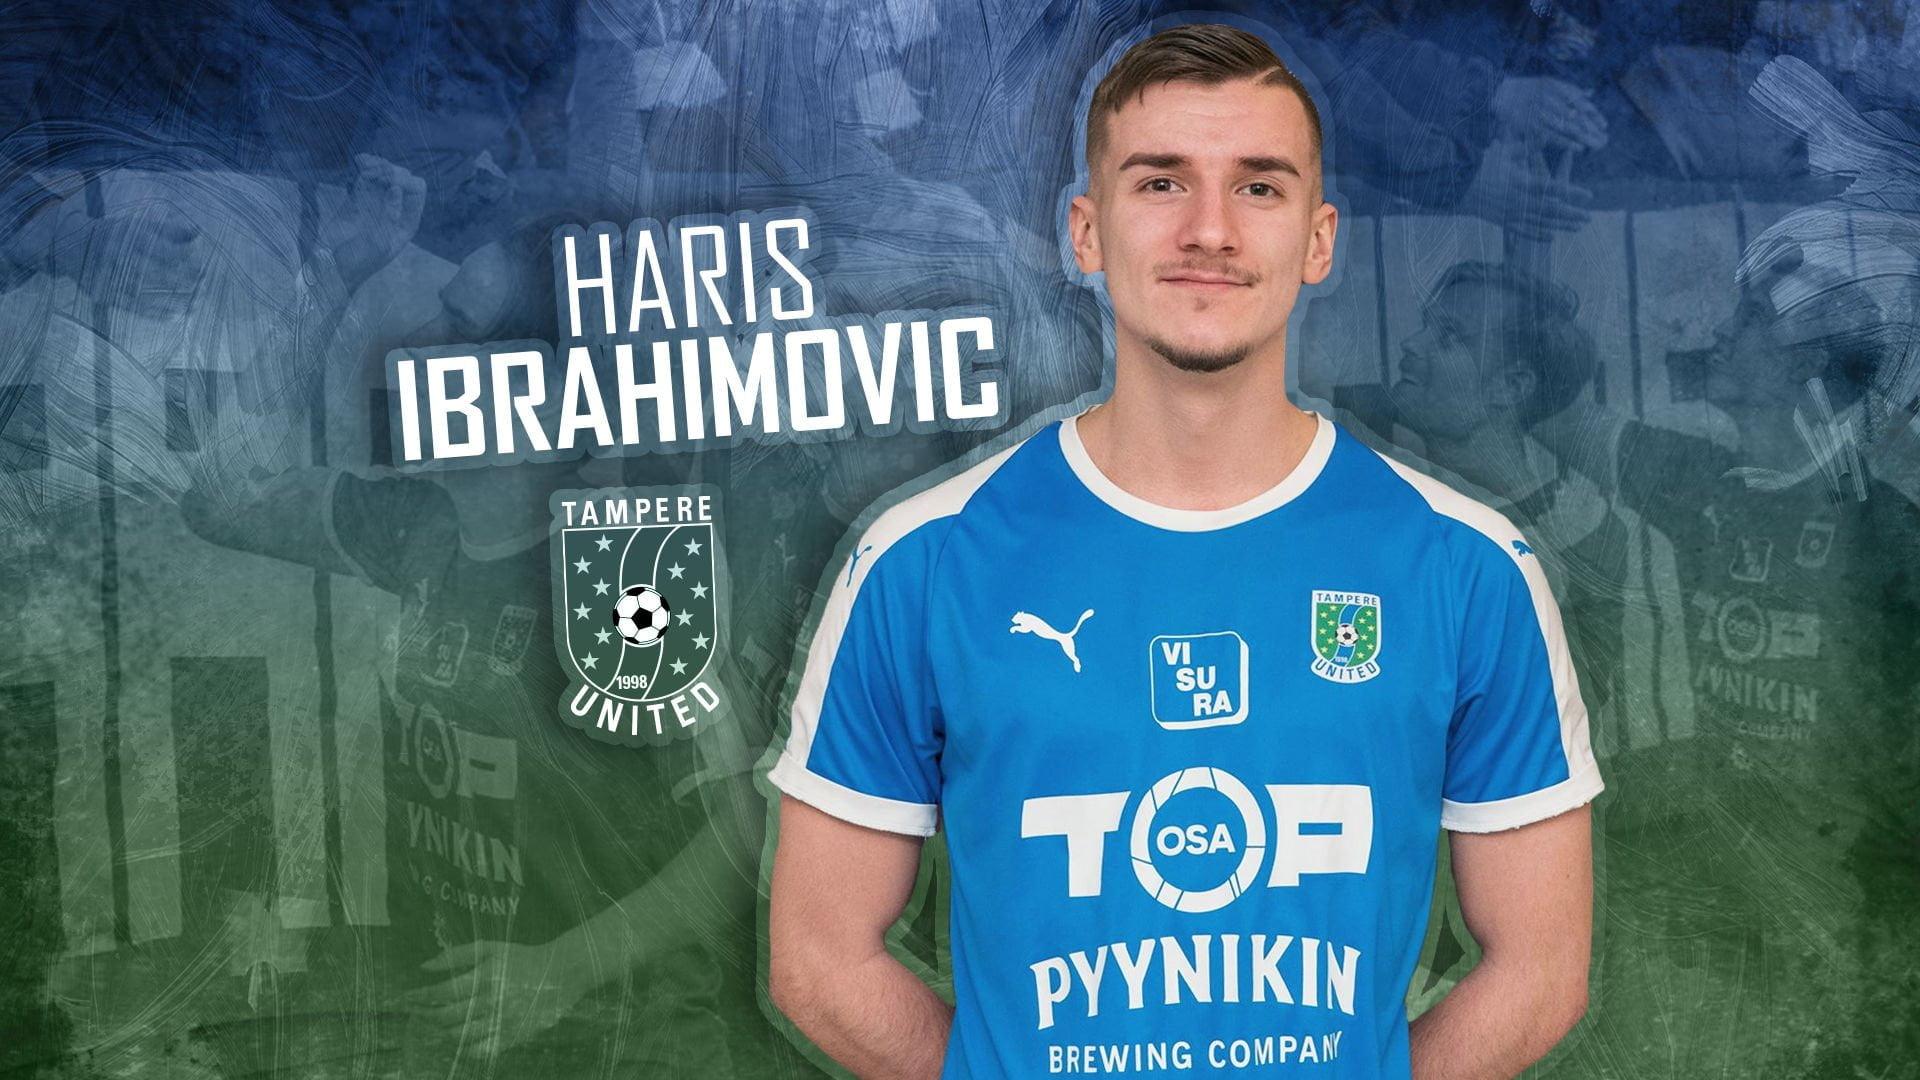 Haris Ibrahimovic kertaa vuoden takaista Espoo-ottelua ja kautta 2019 -uutiskuva